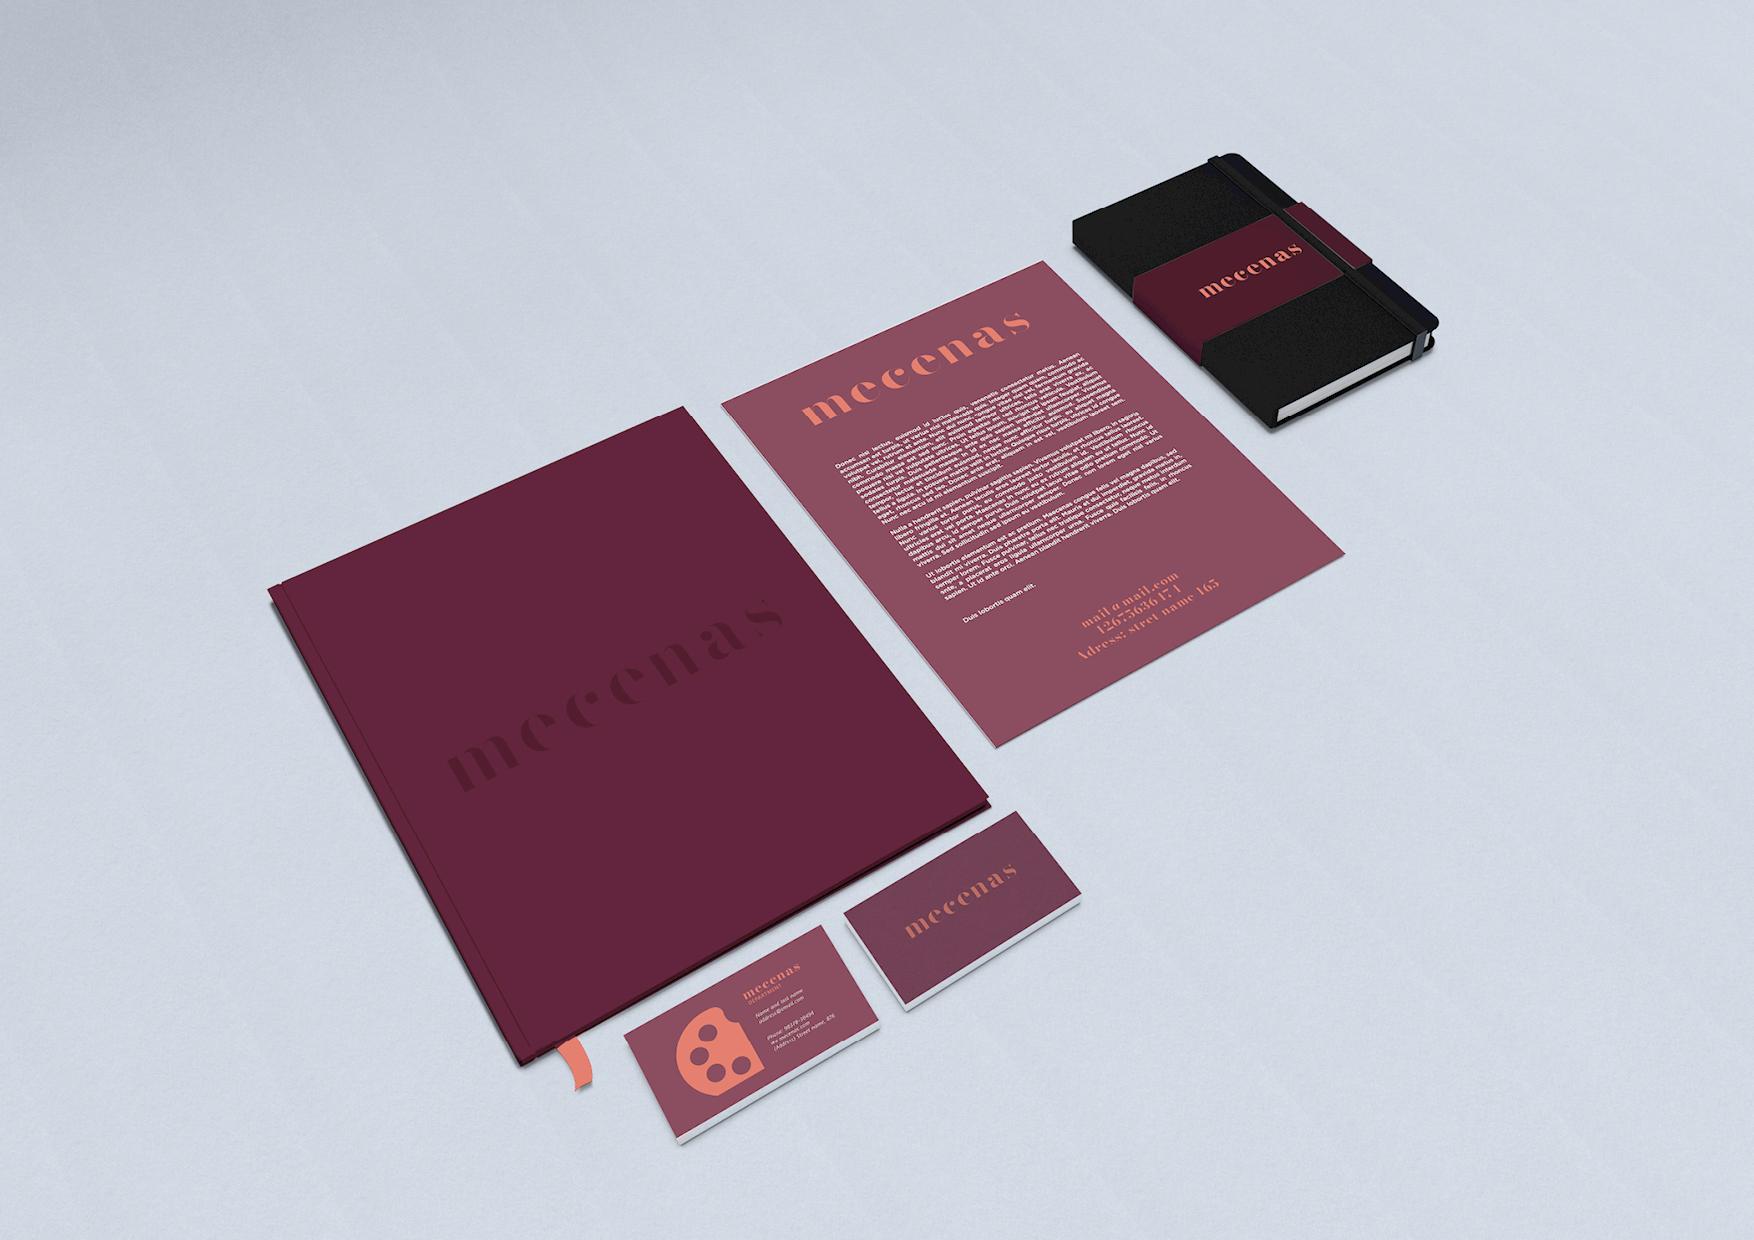 Mecenas Development Guide FINAL DRAFT17